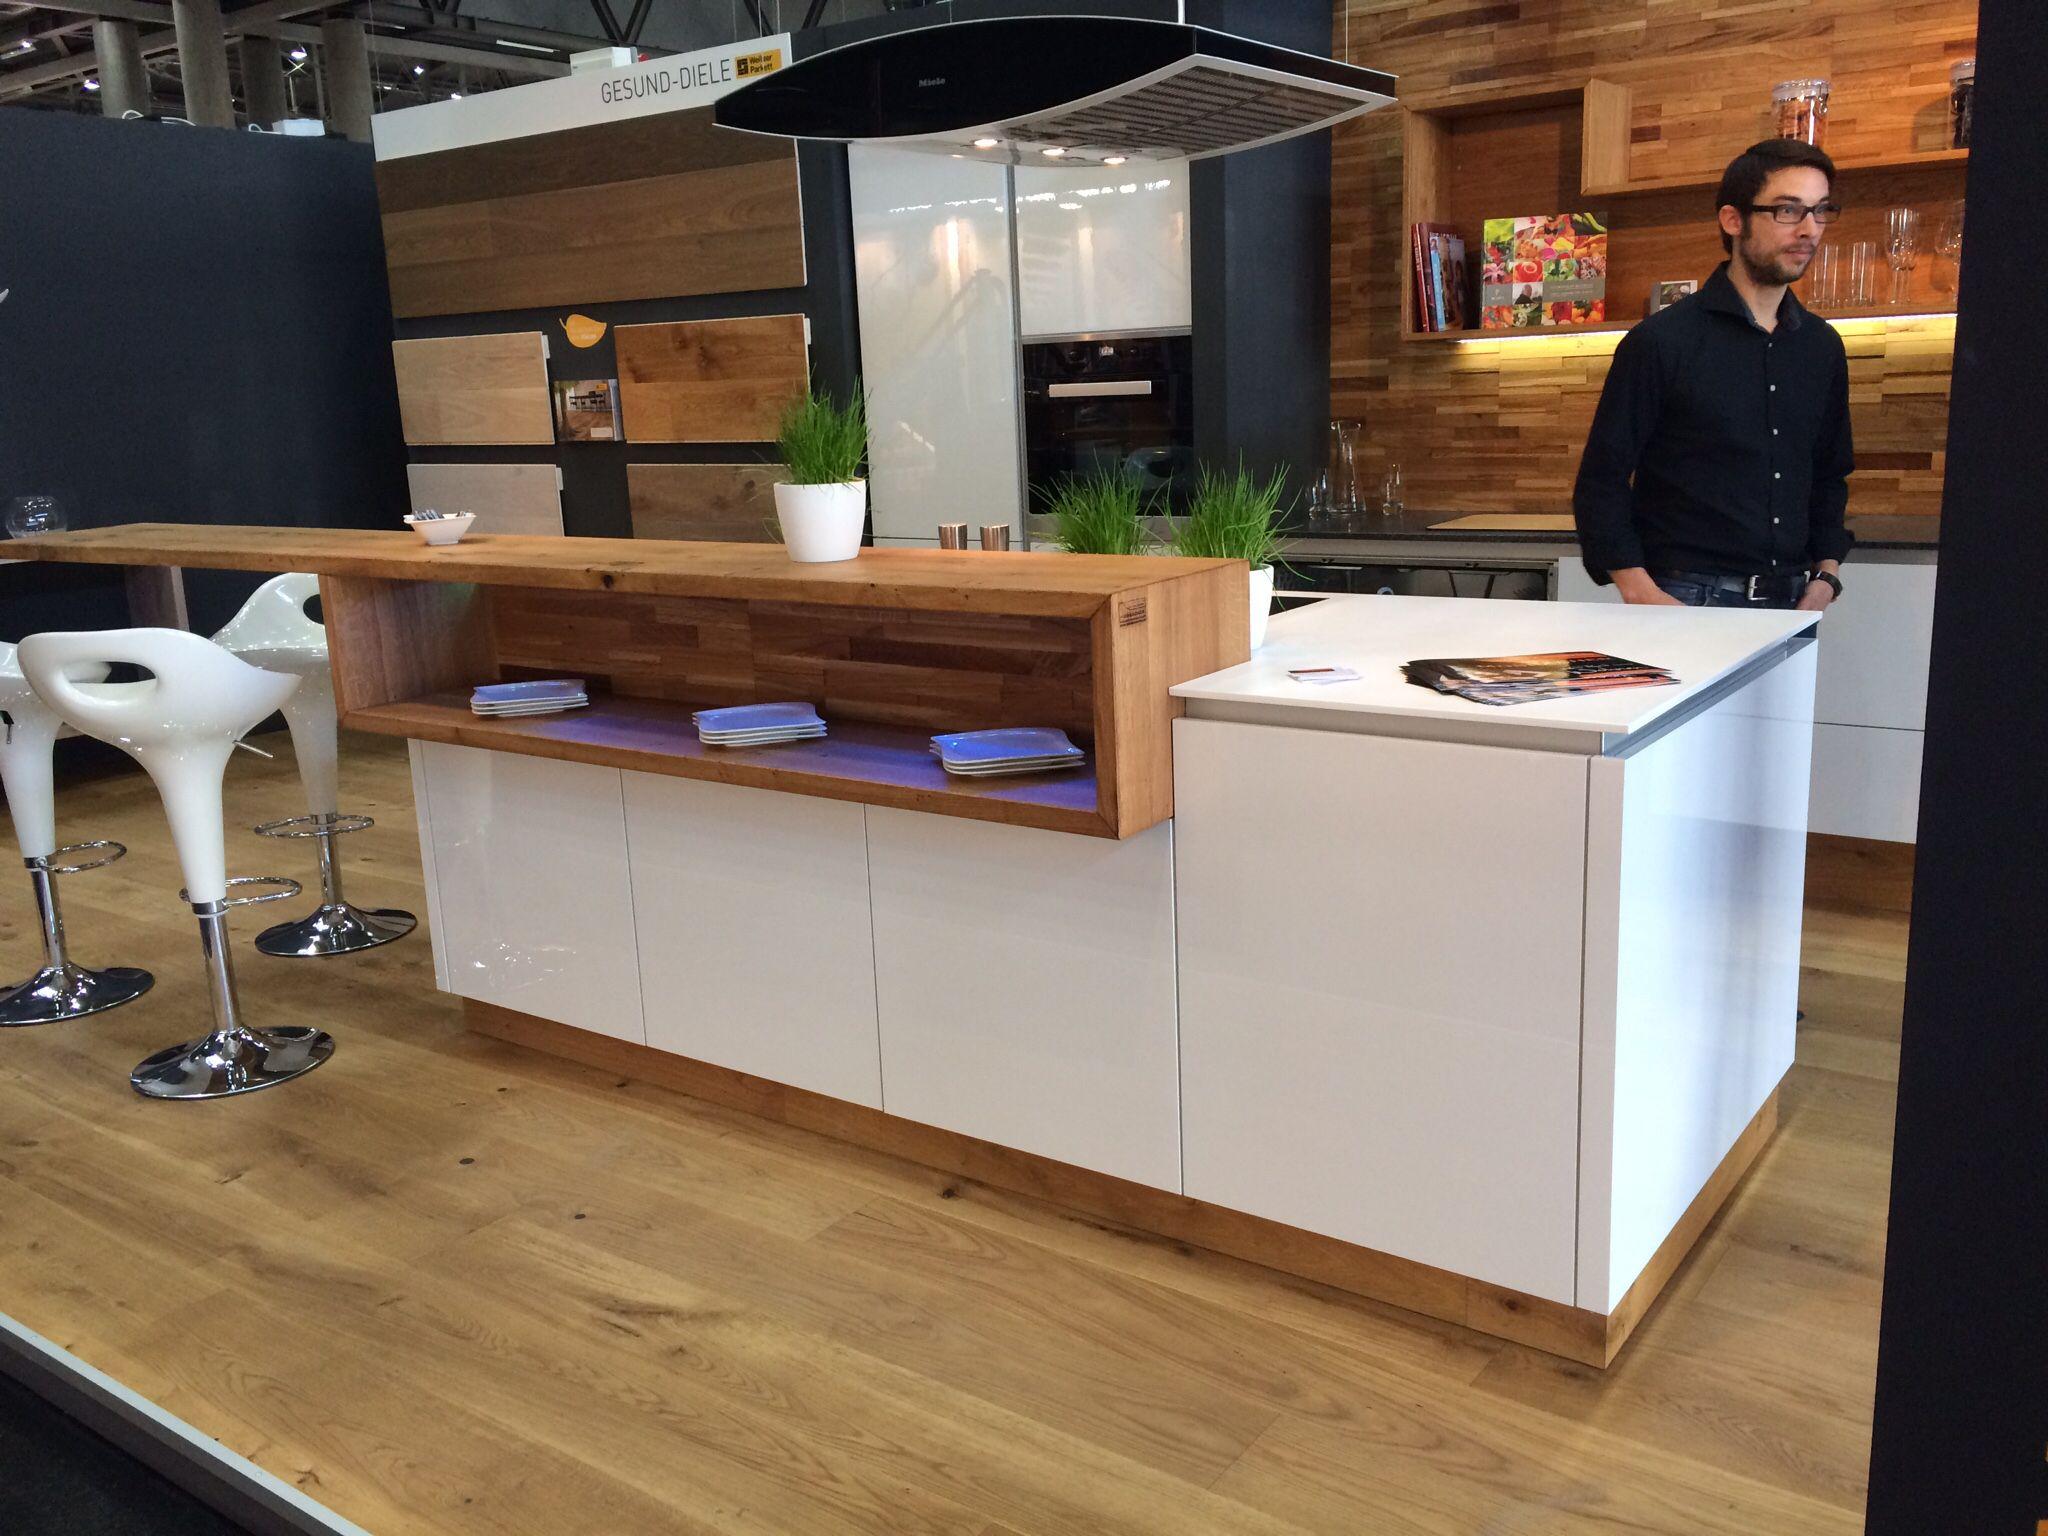 Idee für Aufbau Kücheninsel | Küchenideen | Pinterest | Kücheninsel ...